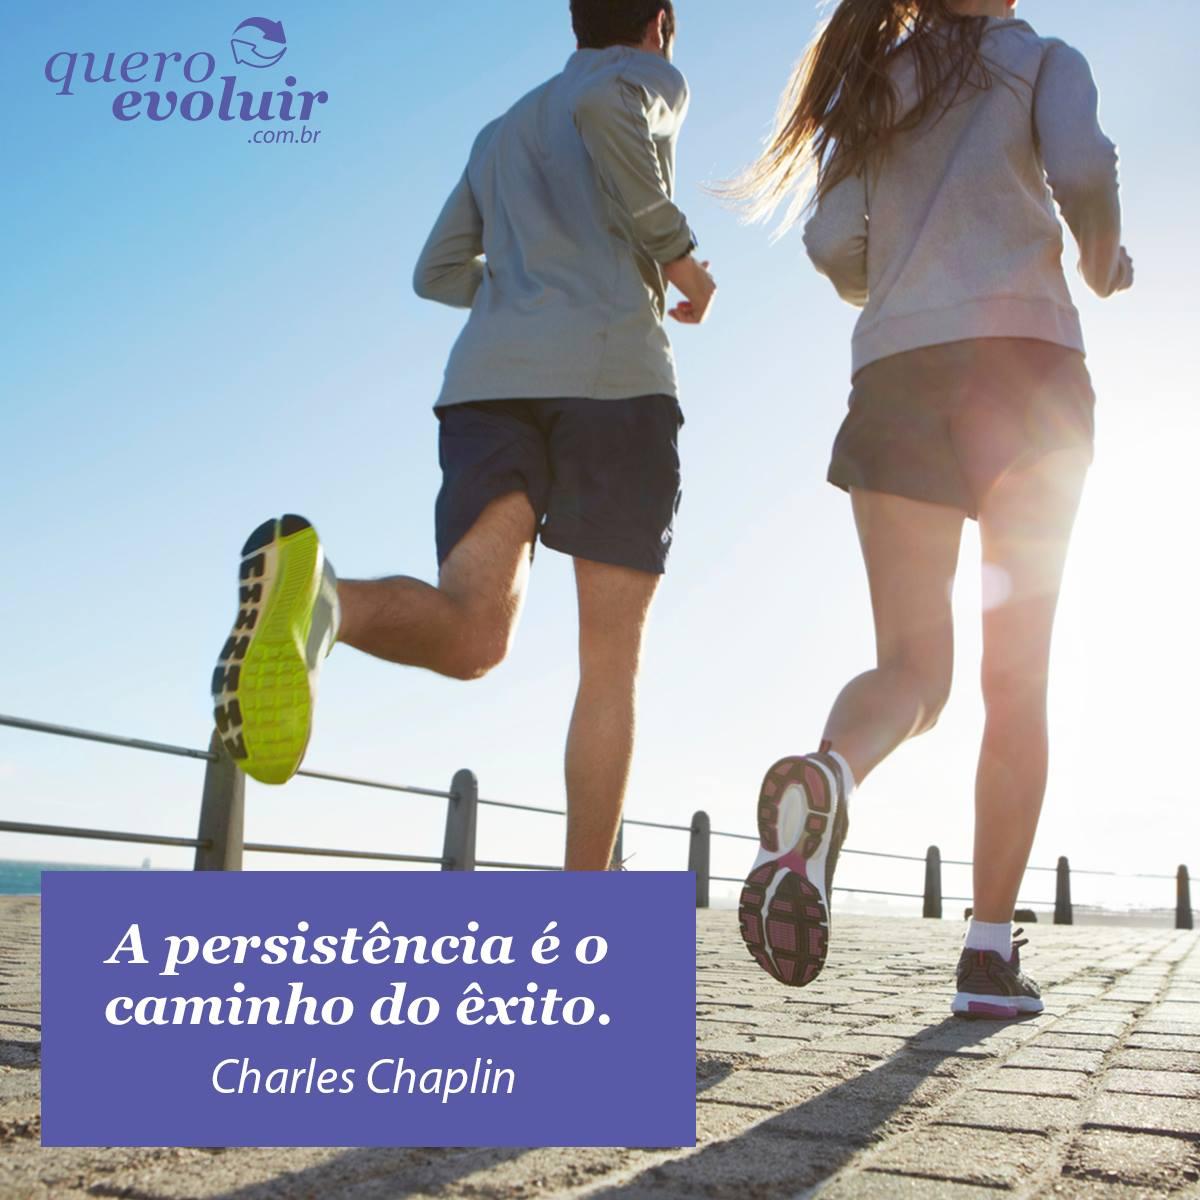 Frases de reflexão - Charles Chaplin